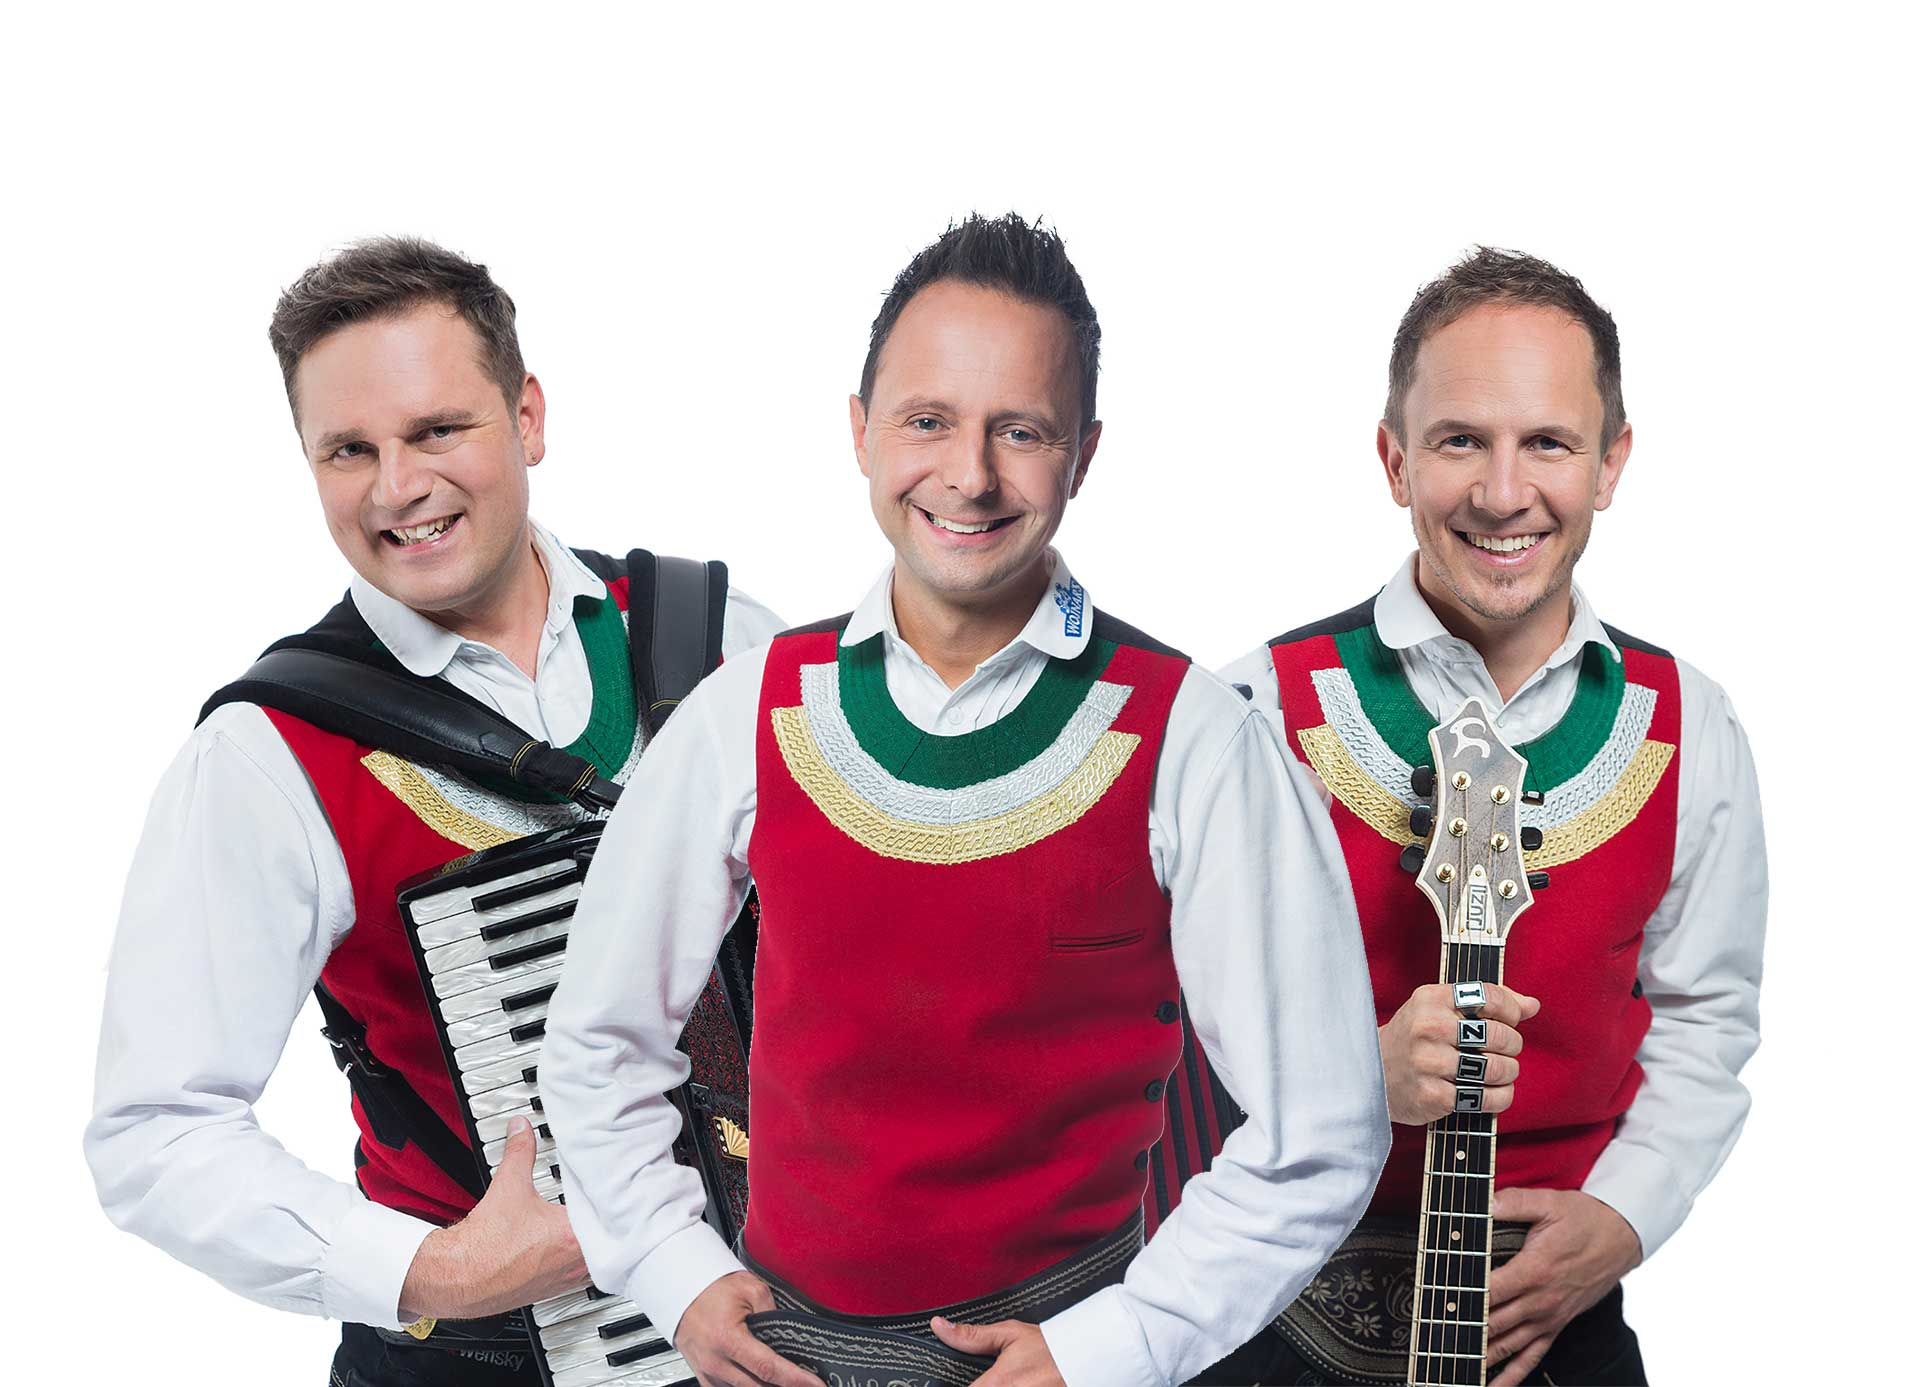 Die jungen Zillertaler spielen auf dem 26. Alpenregionstreffen 2020